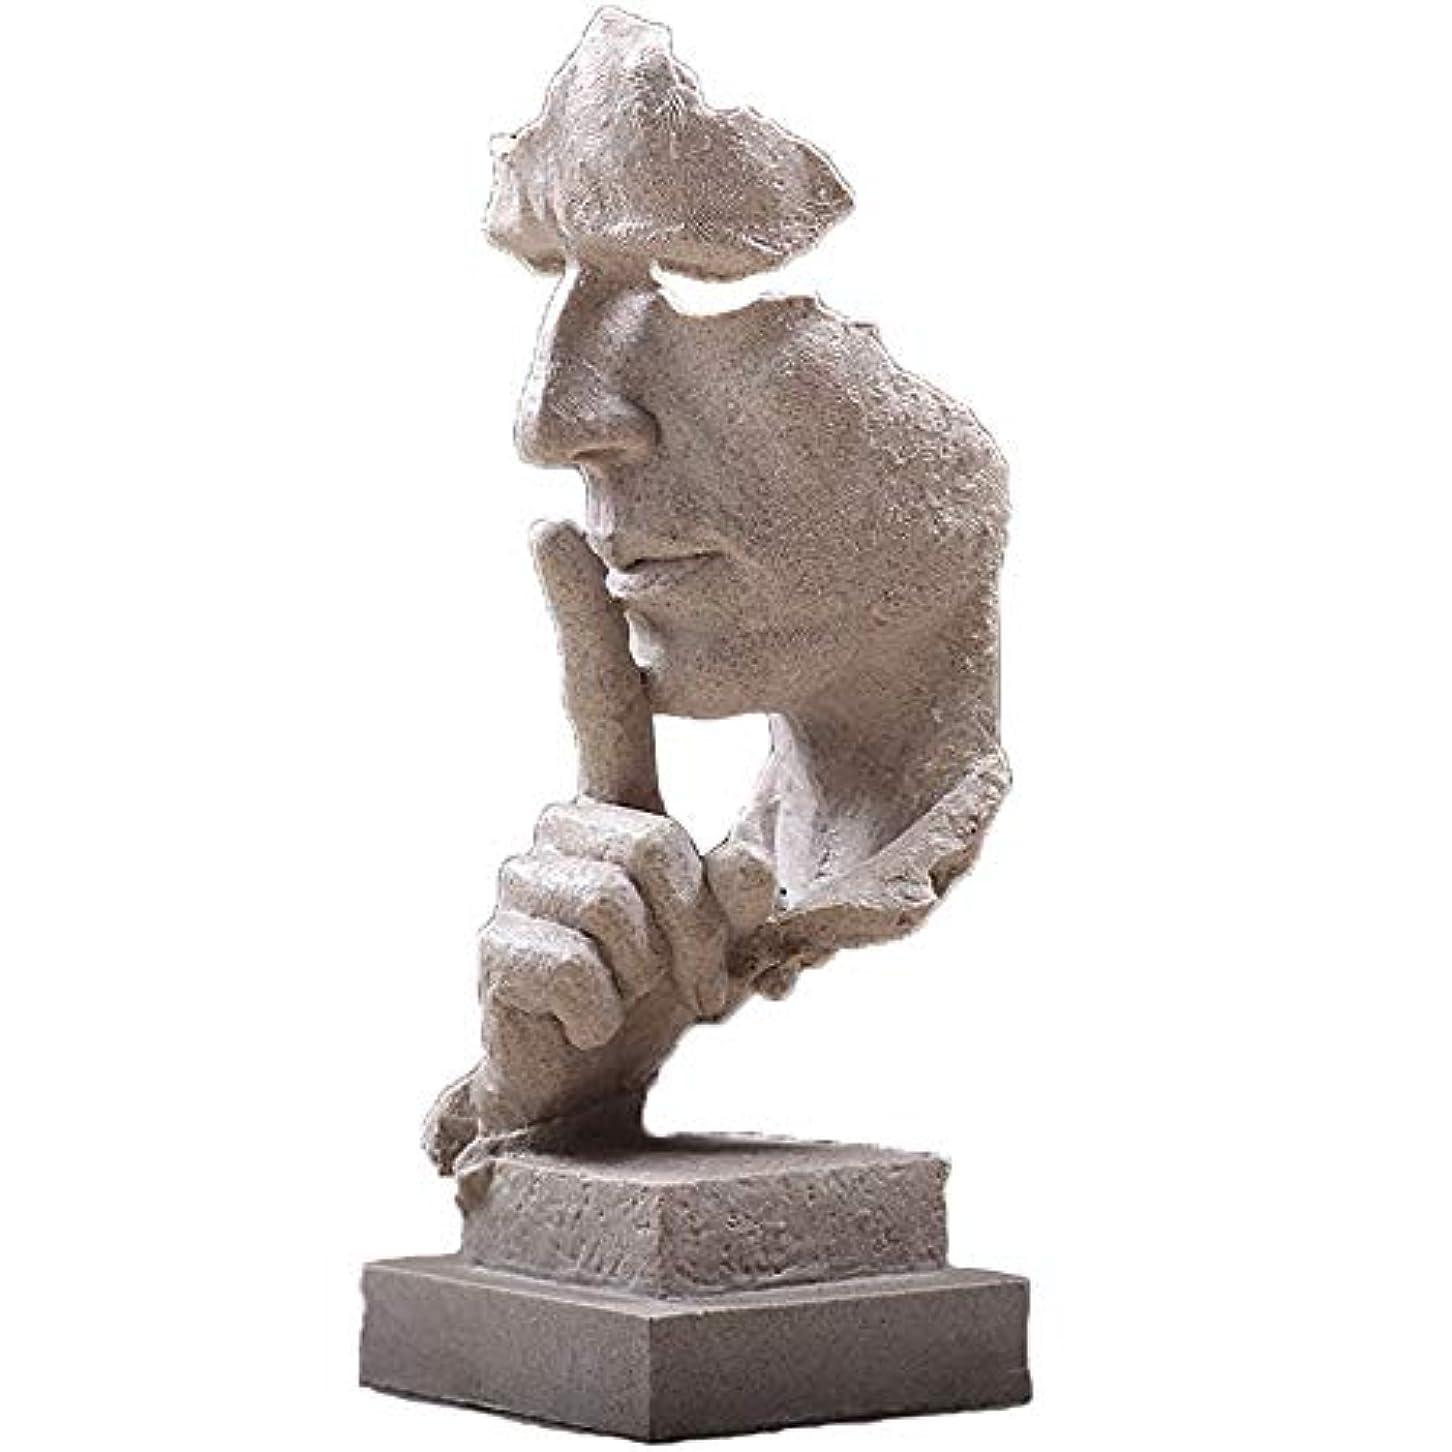 愛されし者洗うカーペット樹脂抽象彫刻沈黙はゴールデン男性像キャラクター工芸品装飾用オフィスリビングルームアートワーク,White